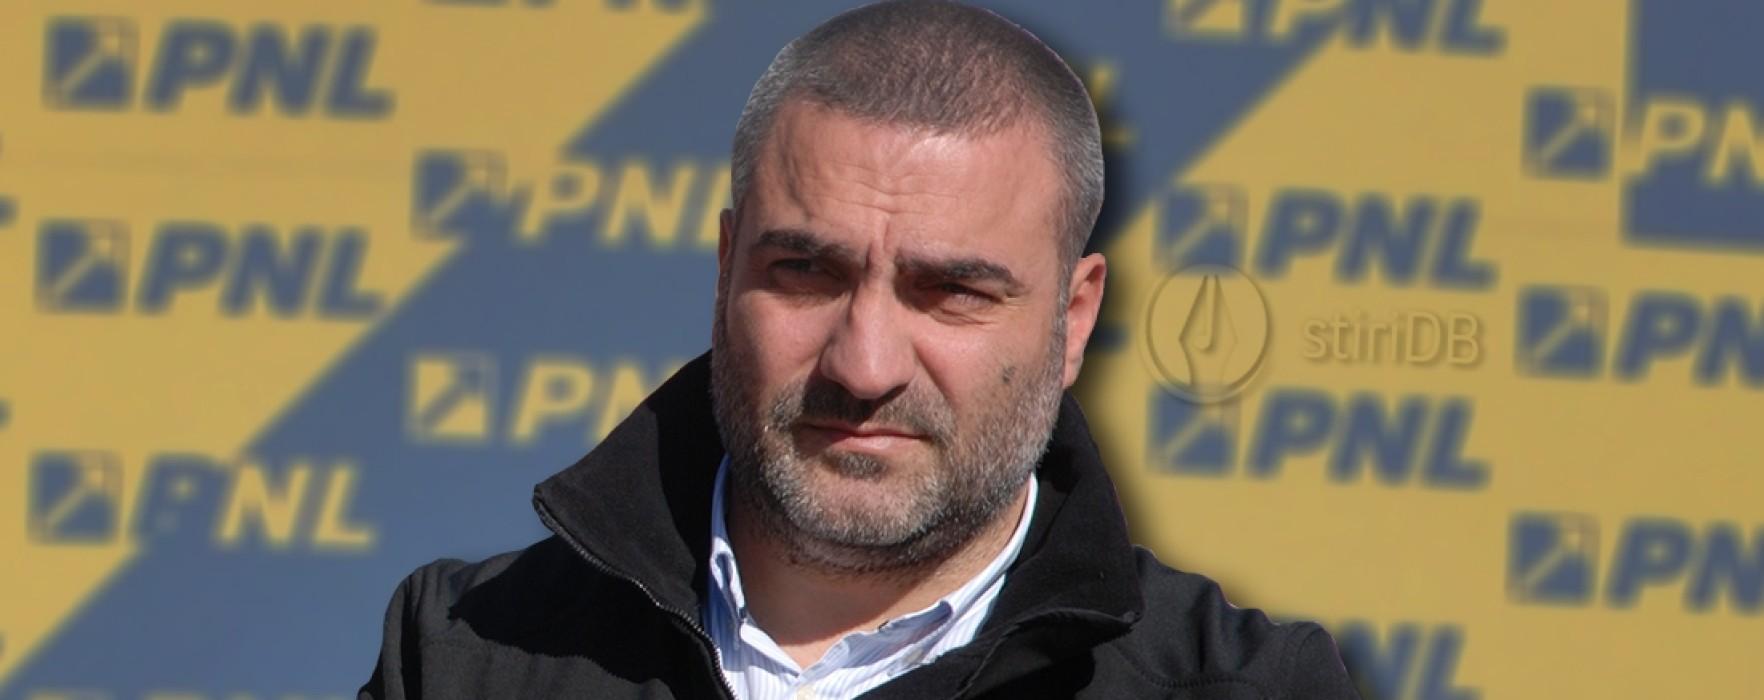 Mihail Volintiru (PNL): E o găinărie; demersul celor care îmi cer demiterea este egal cu zero (audio)